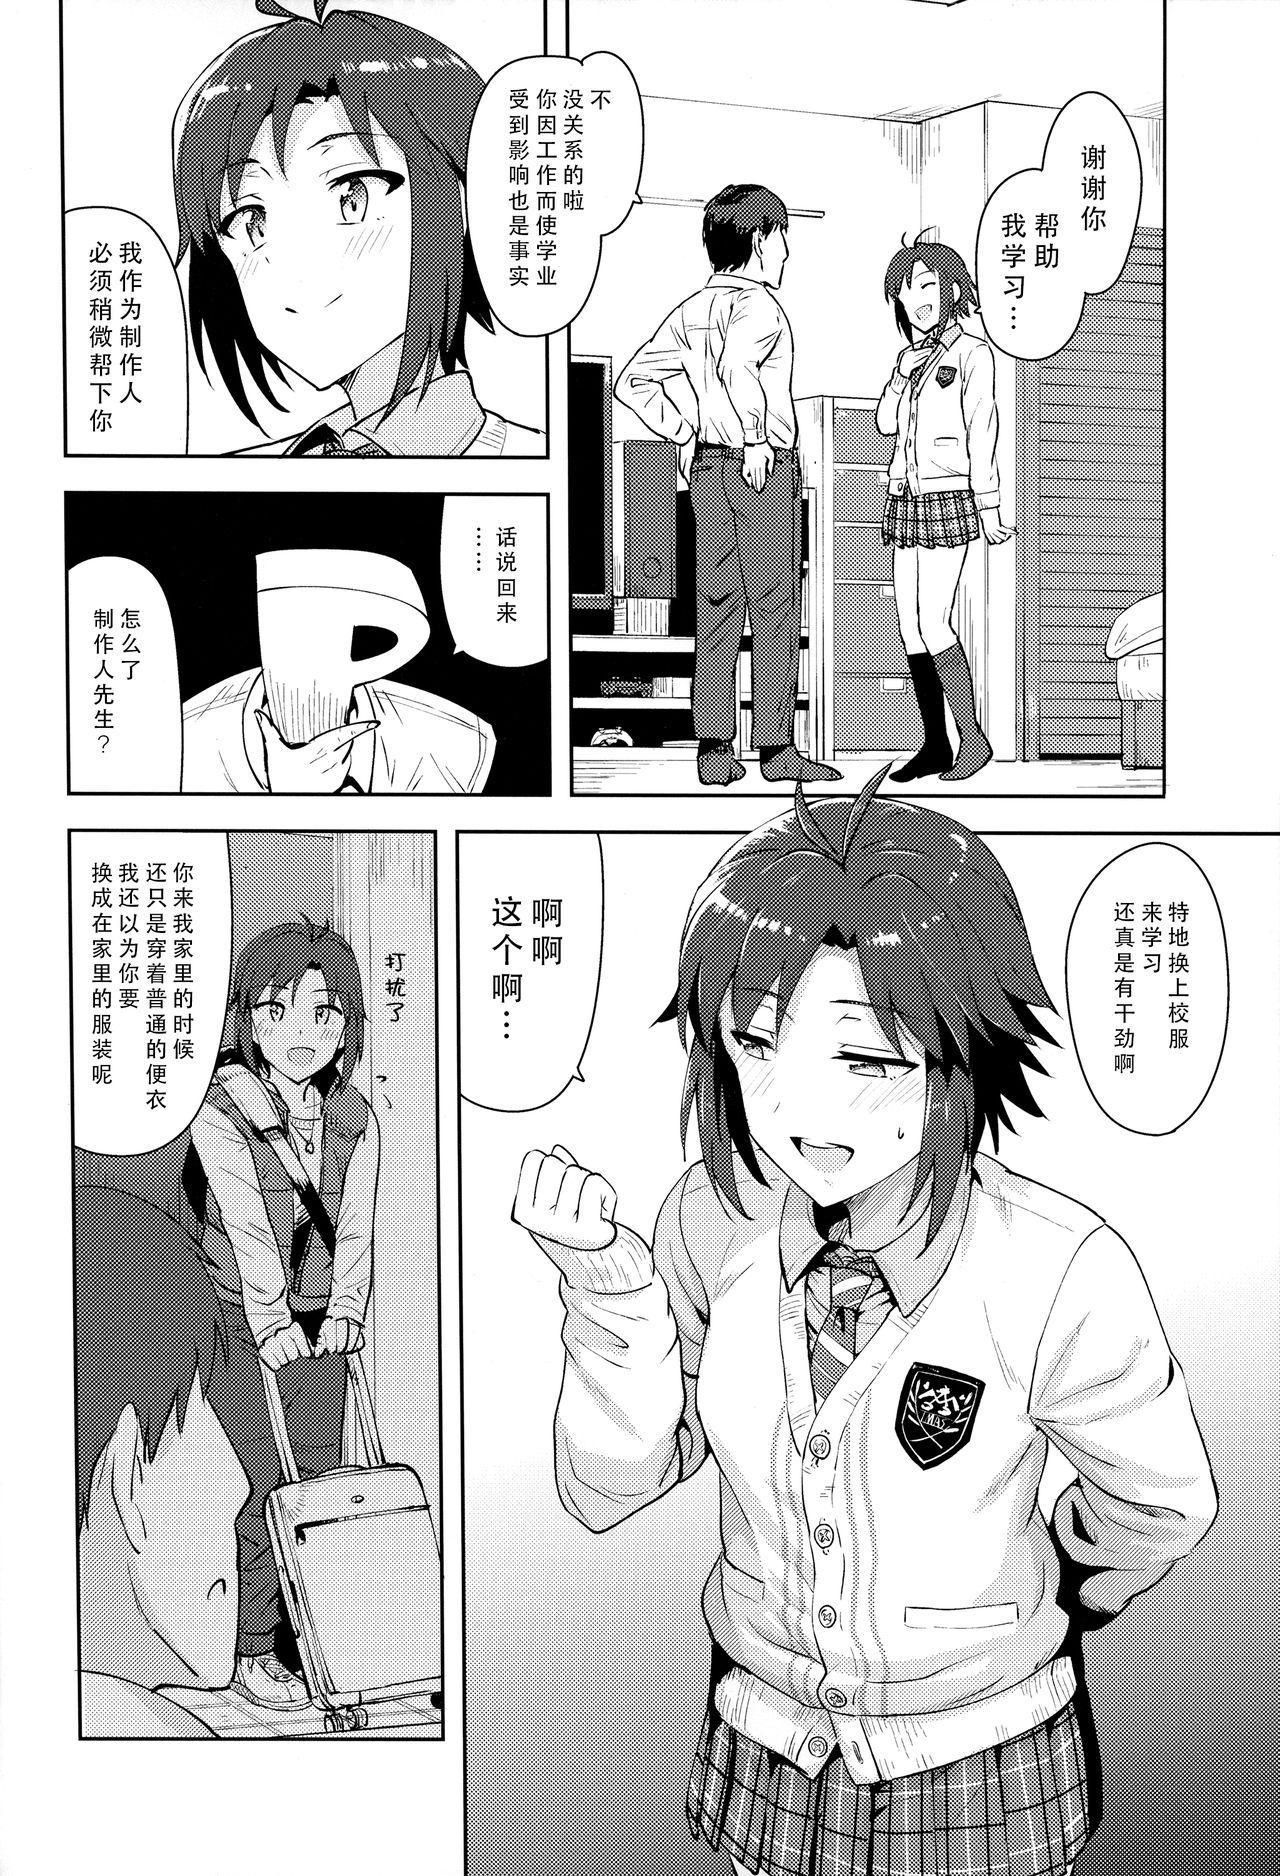 Makoto to Seifuku 3